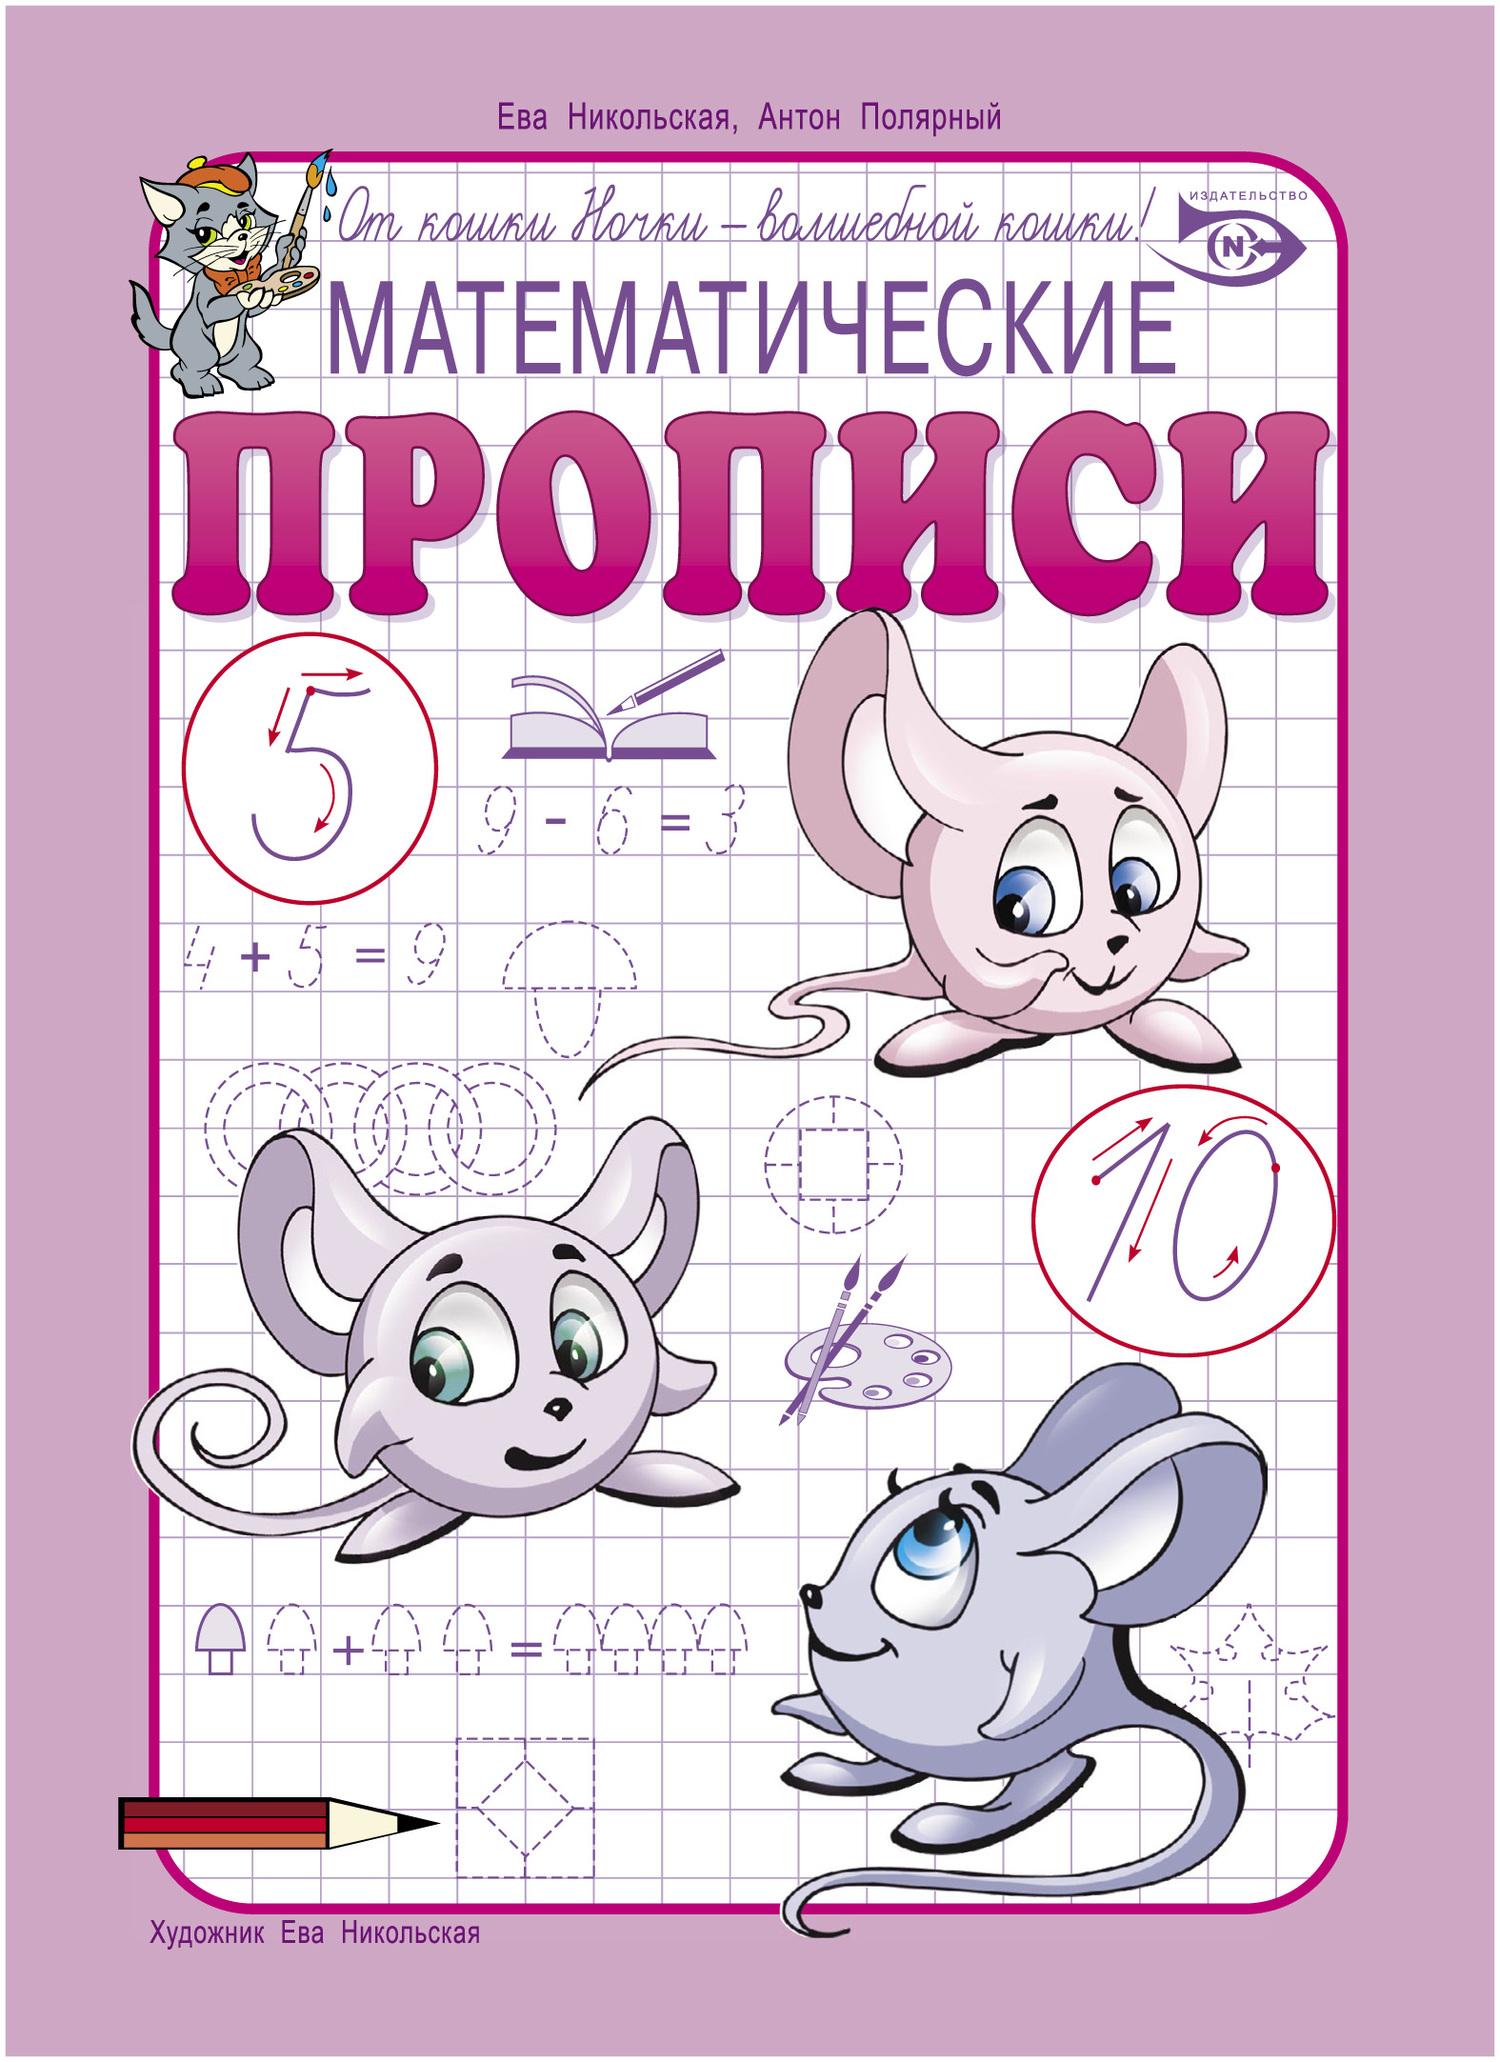 Ева Никольская, книга Математические прописи – скачать в ...